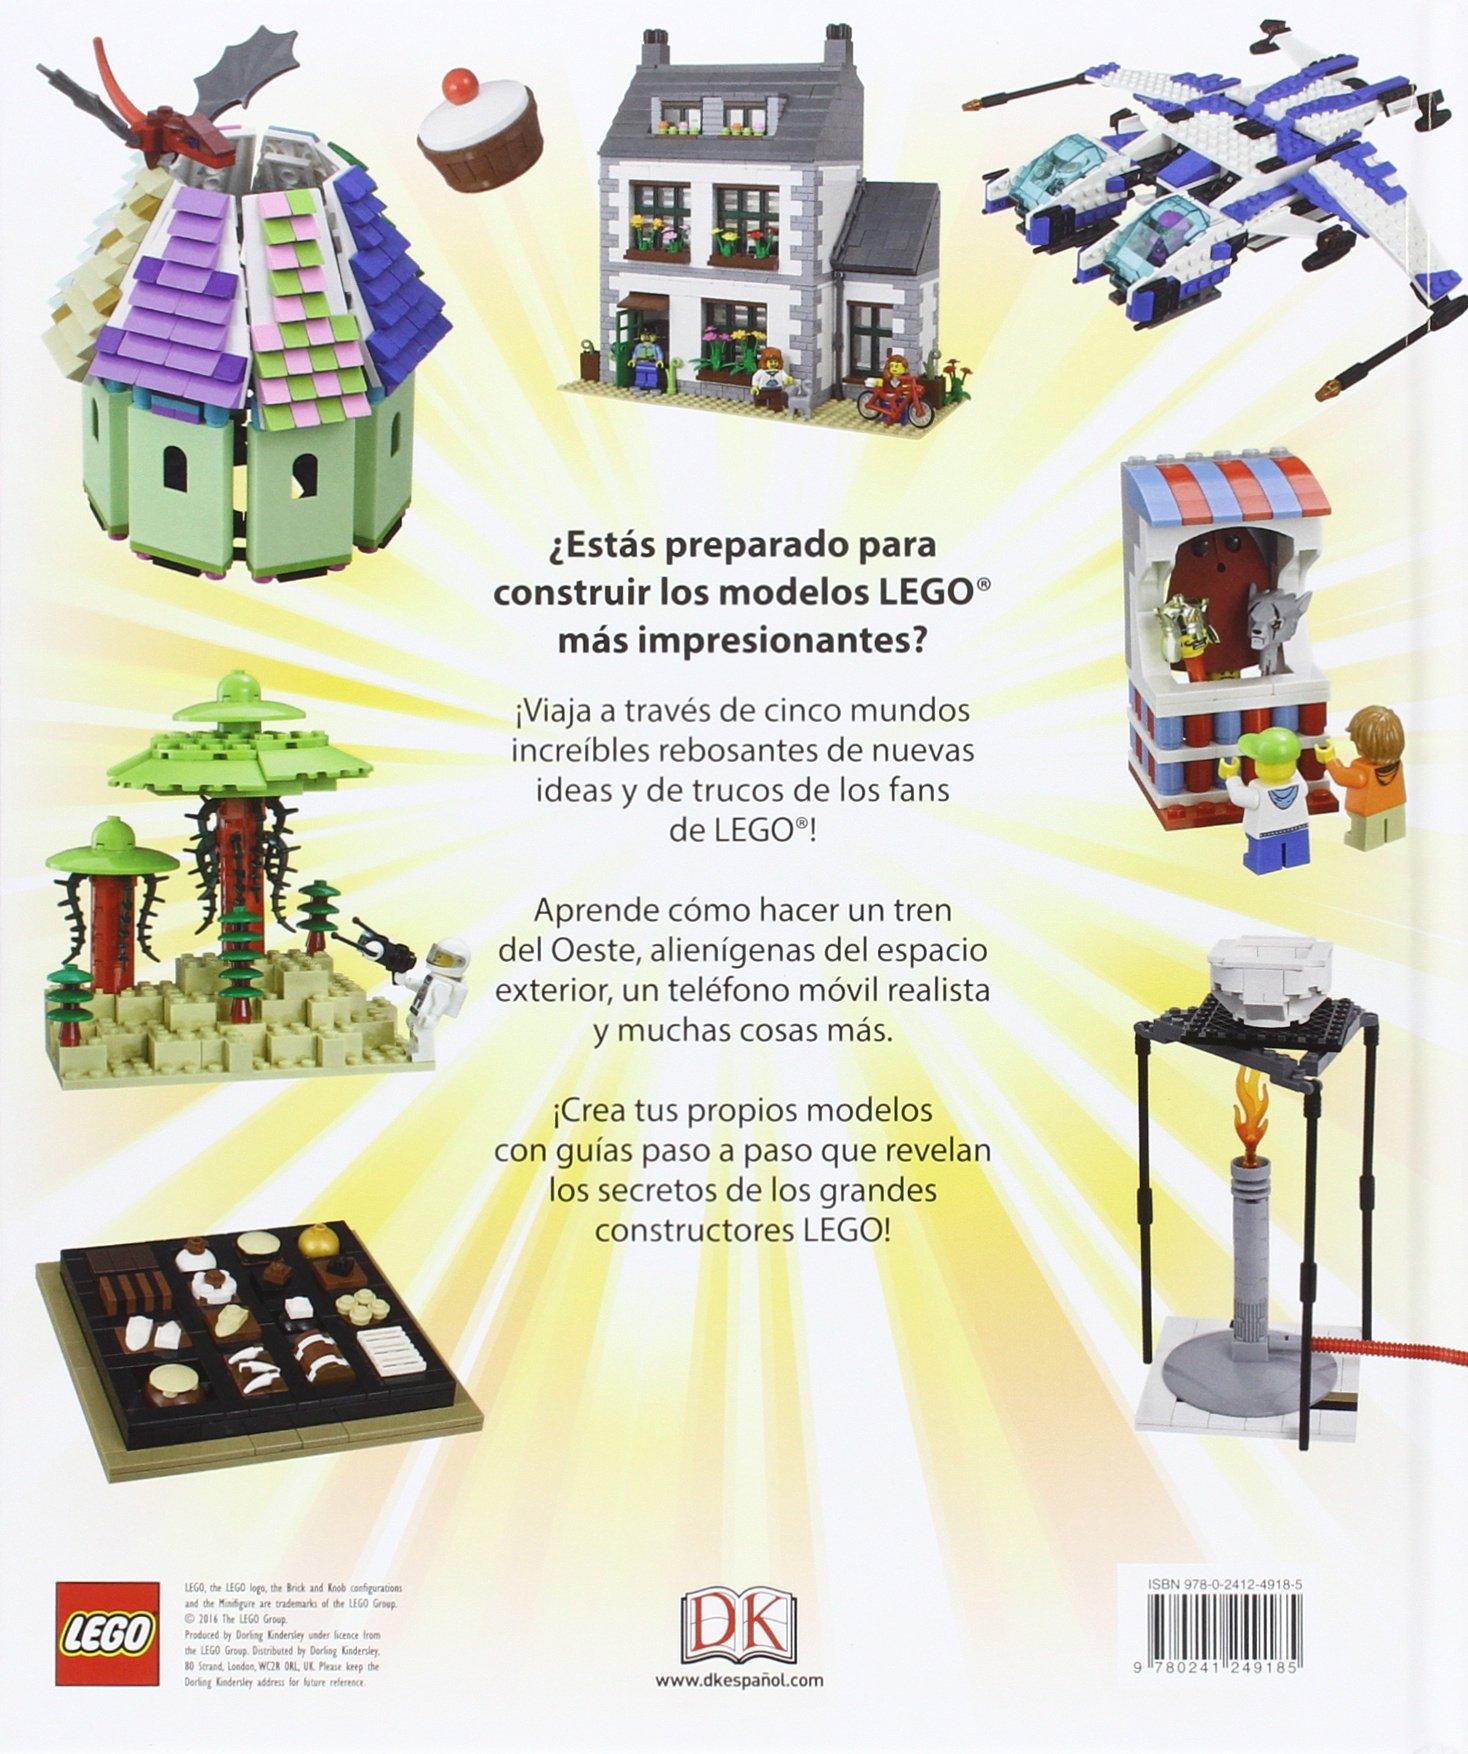 Amazon.com: LEGO. Grandes ideas (9780241249185): Varios ...